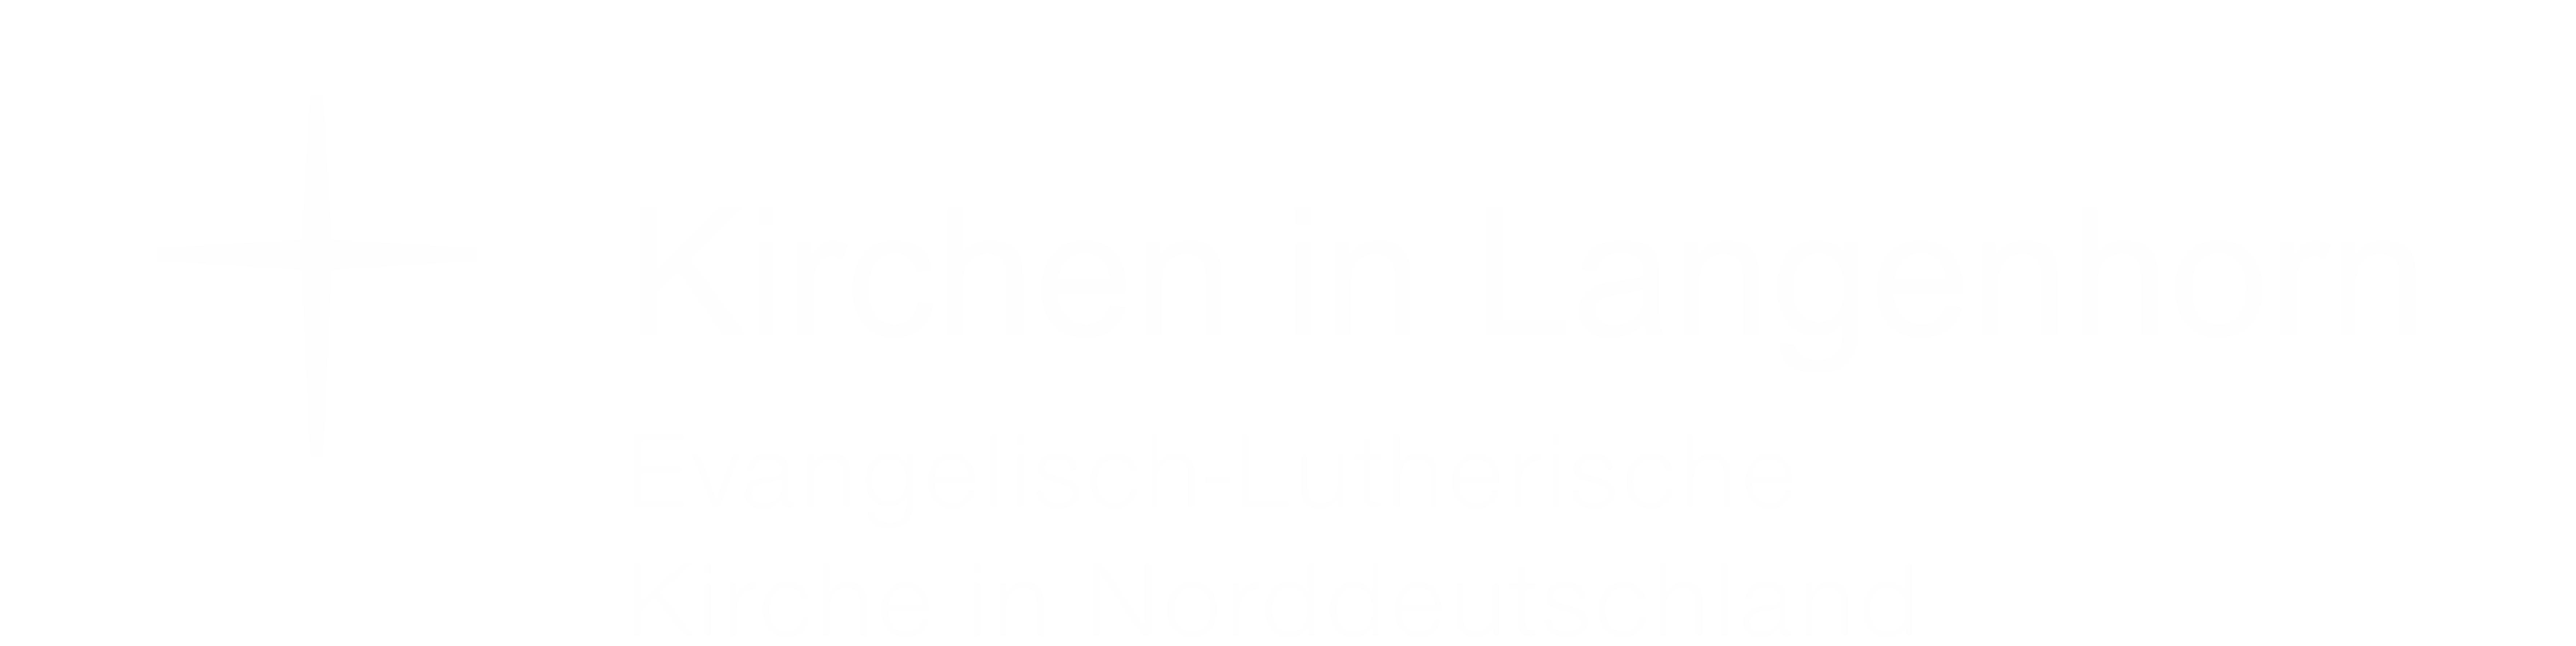 Evangelisch-Lutherische Kirchen in Langenhorn